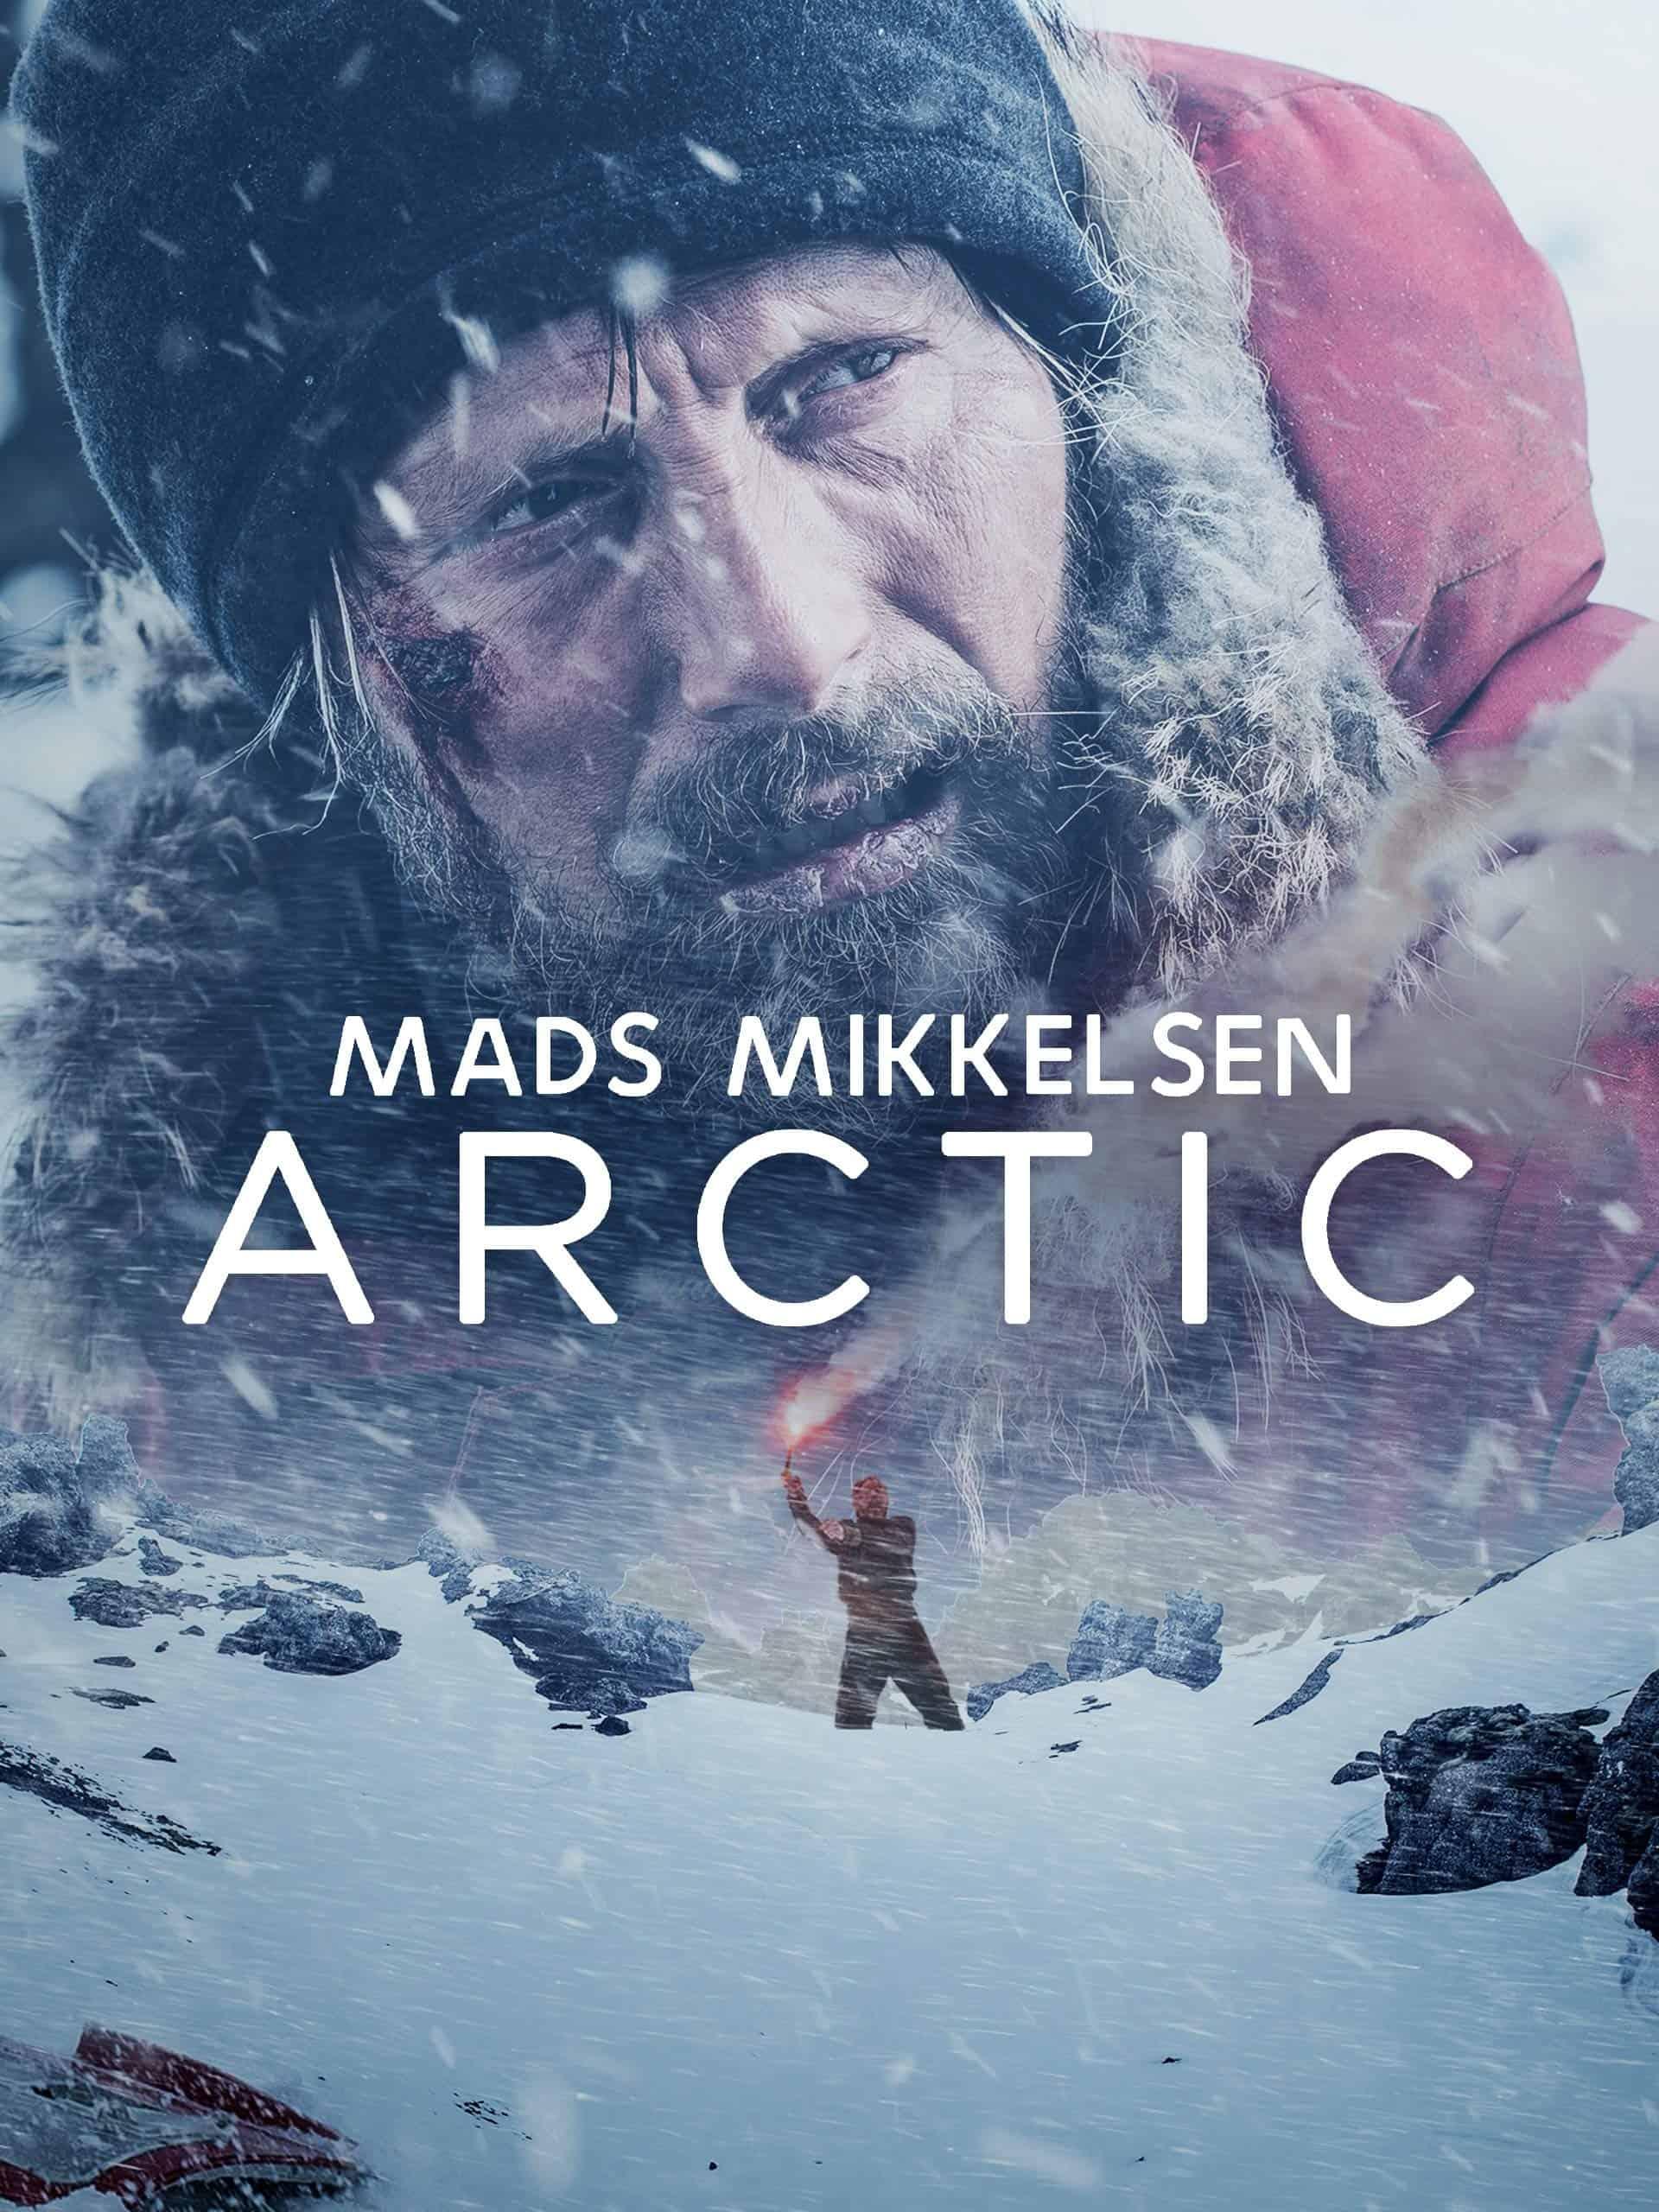 Arctic (2018) อย่าตาย